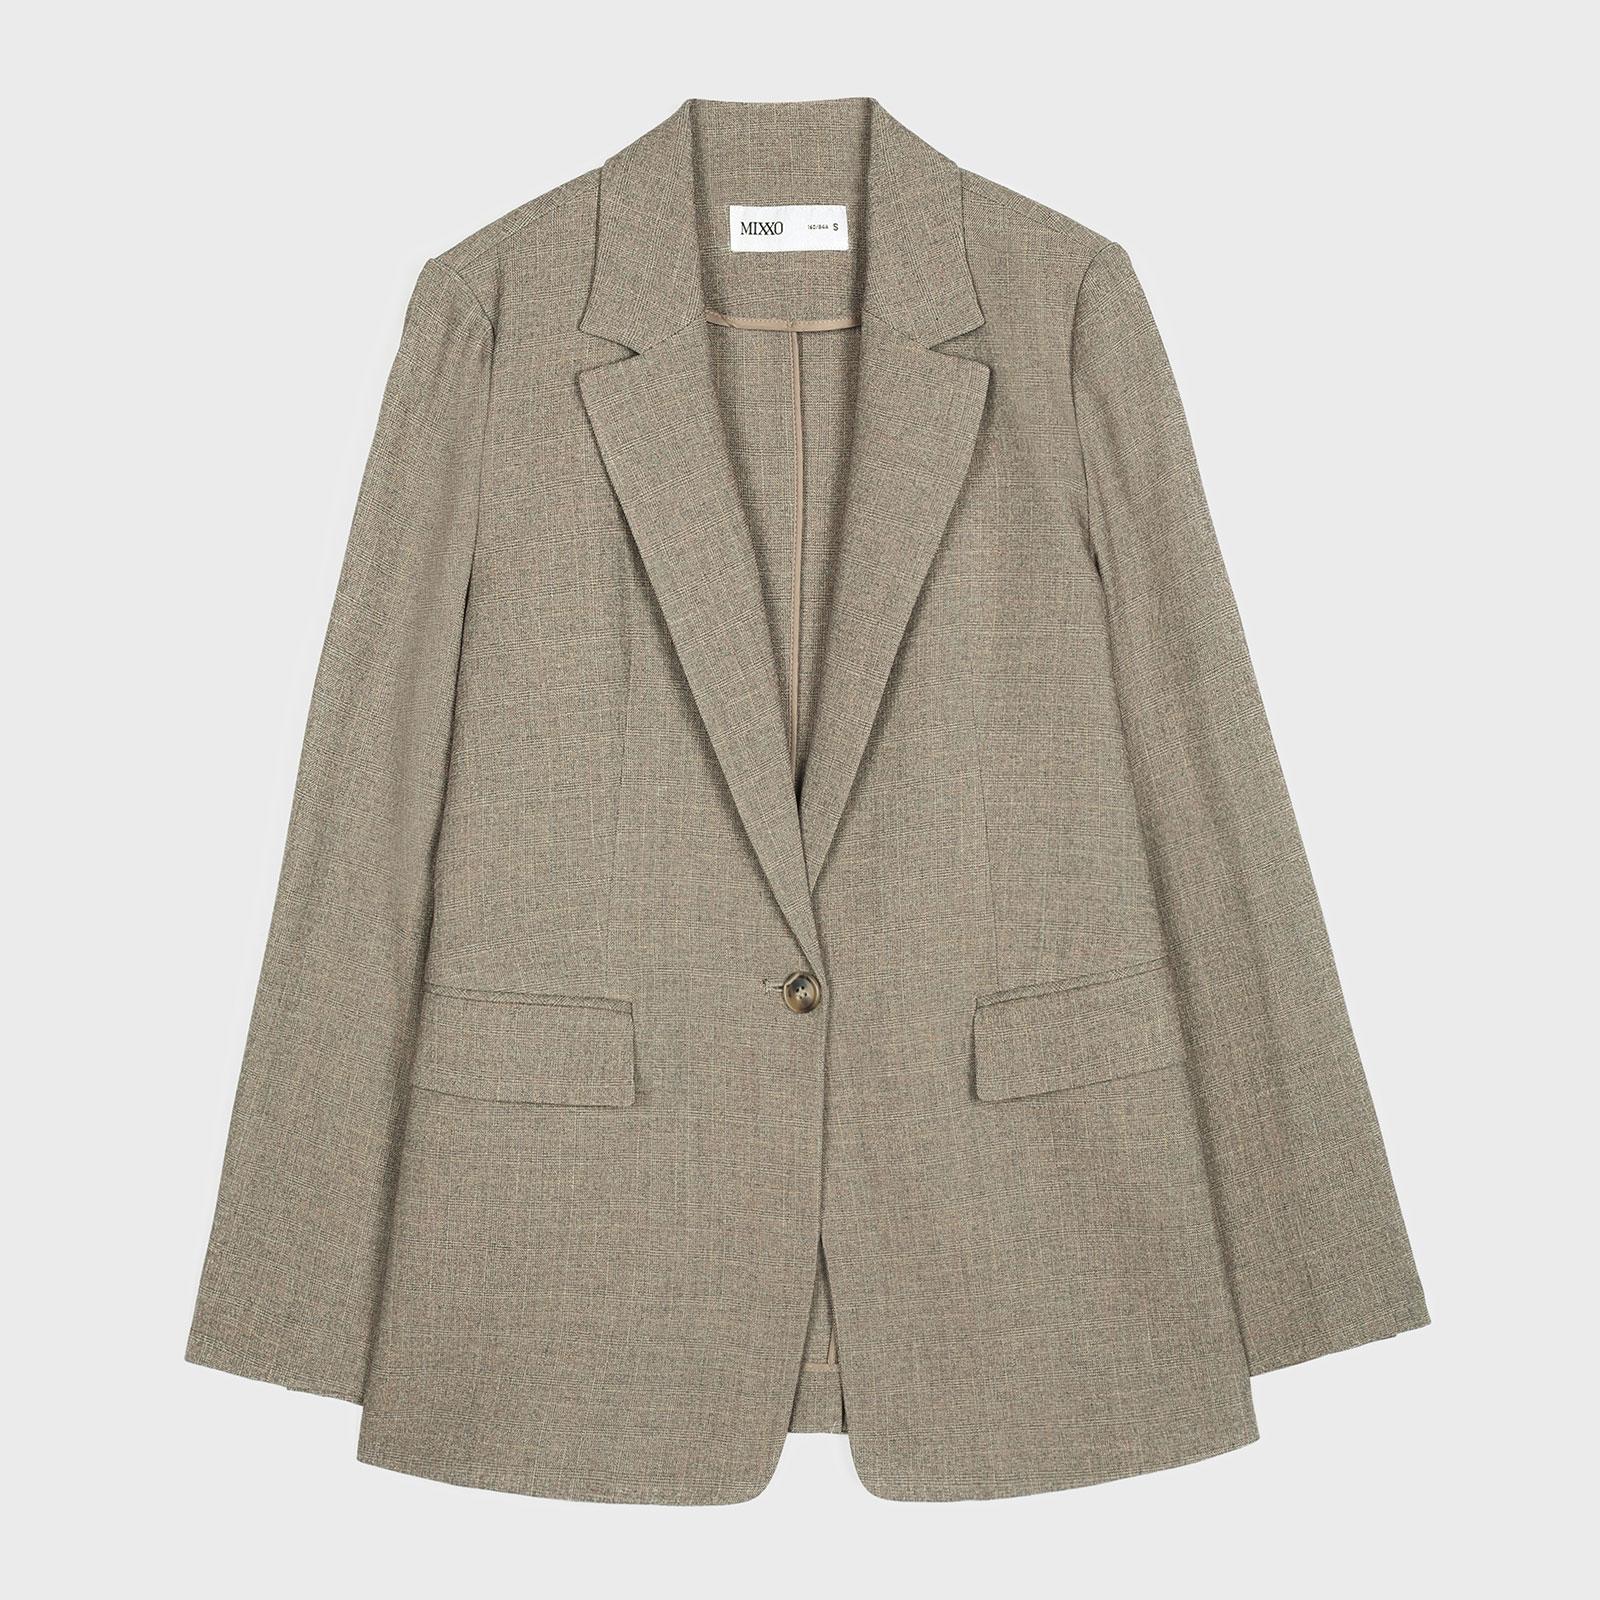 미쏘 여성용 체크 슬림핏 싱글 자켓